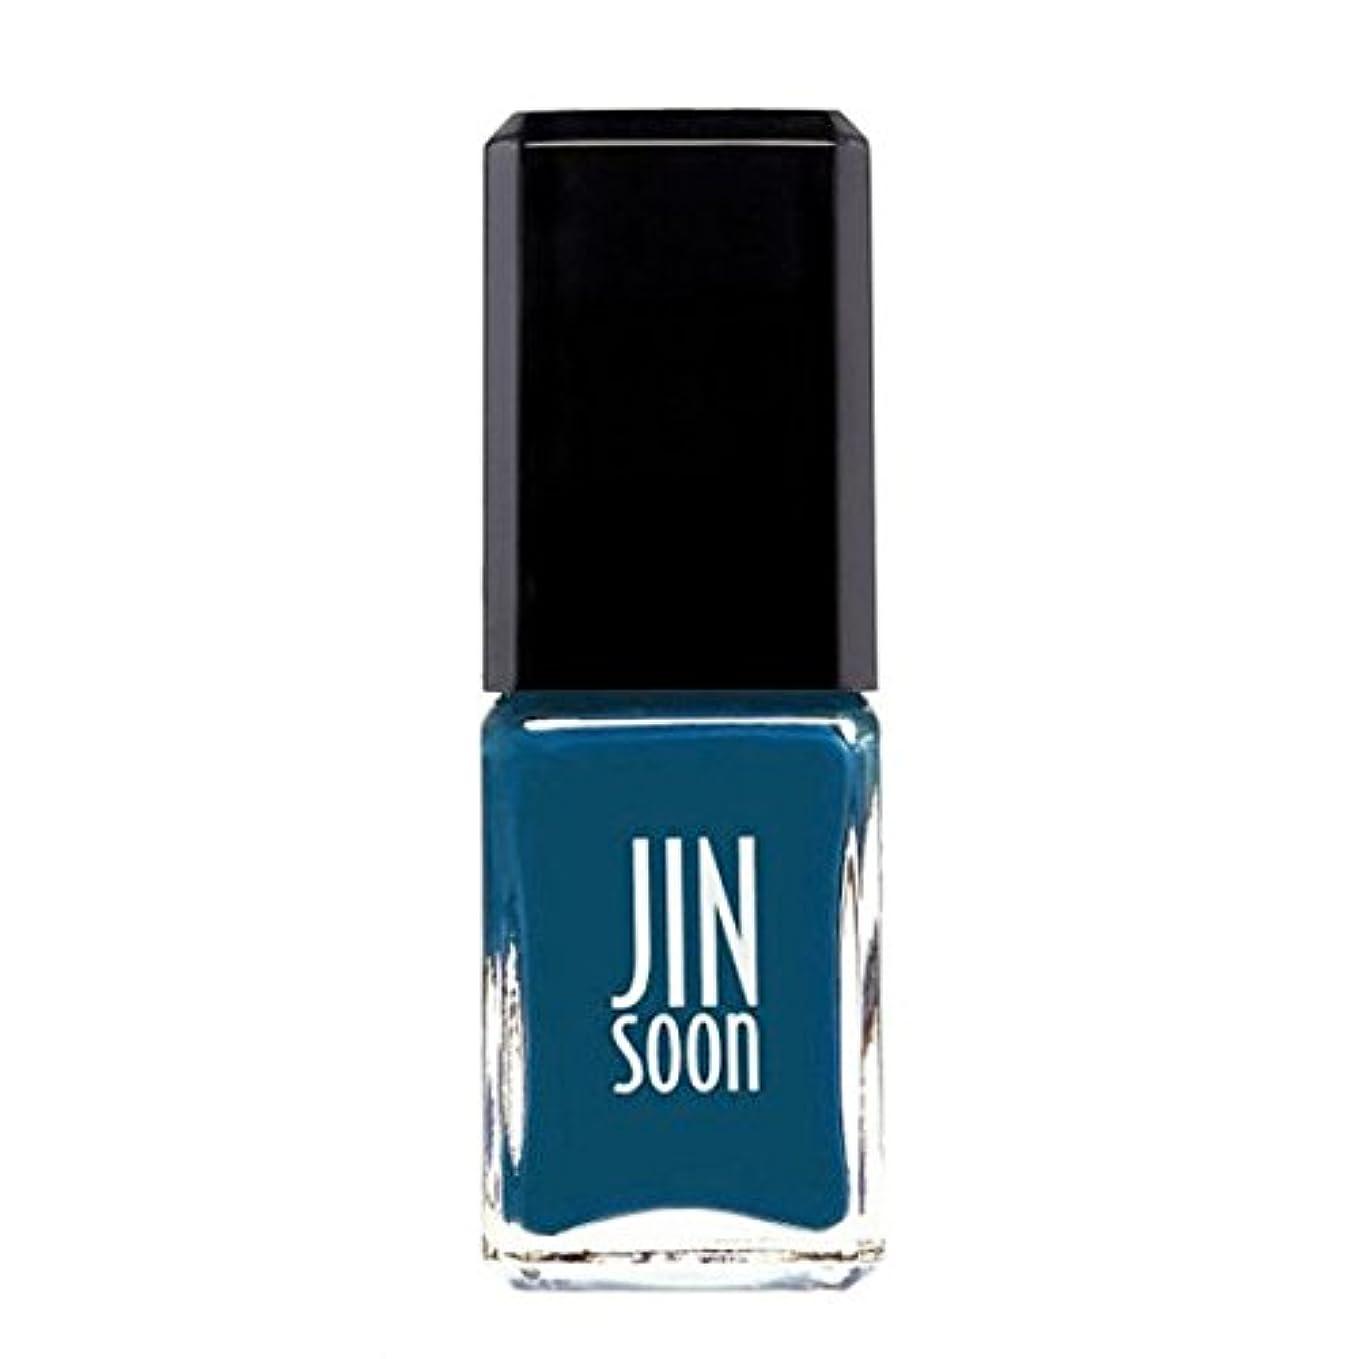 慢な平等死すべき[ジンスーン] [ jinsoon] ボウ(ティールブルー) BEAU ジンスーン 5フリー ネイルポリッシュ ネイルカラー系統:ティールブルー teal blue 11mL